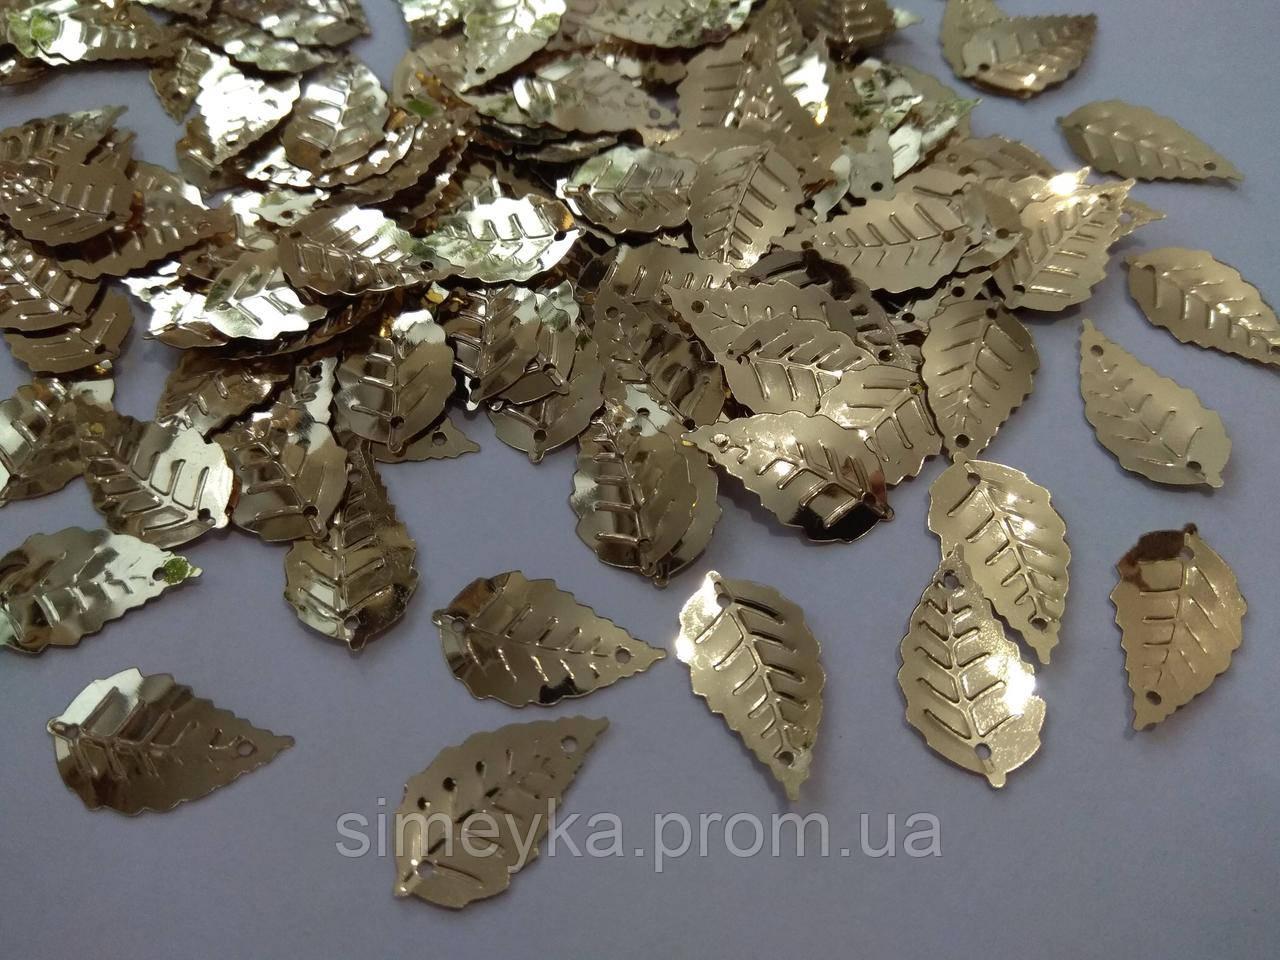 """Паєтки """"литок берези"""" 25*14 мм, упаковка 20 г (біля 255-265 шт). Золотисті світлі"""